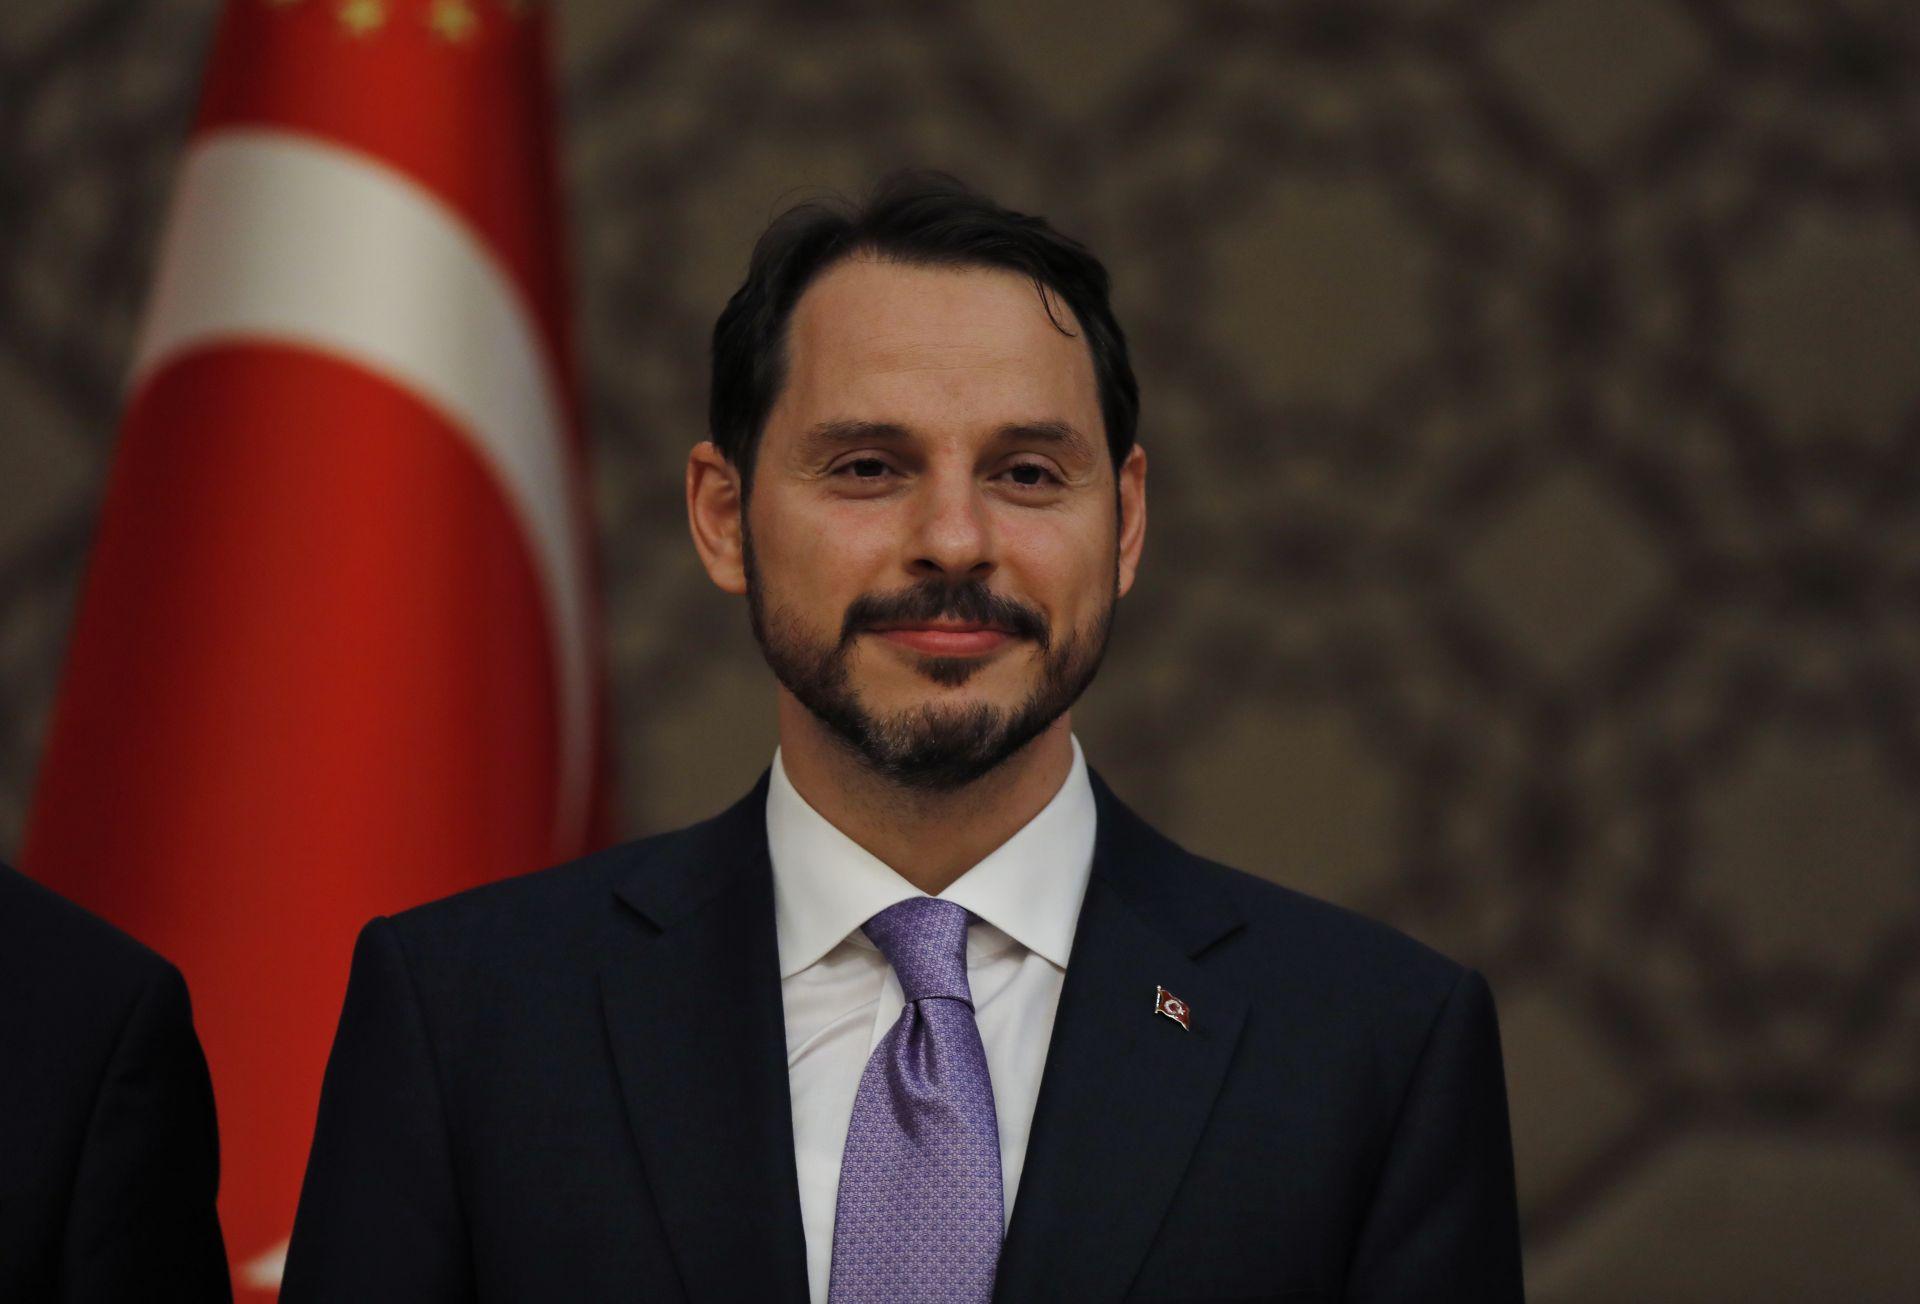 Ердоган повери най-важното министерство - на финансите и съкровищницата - на своя зет Берат Албайрак